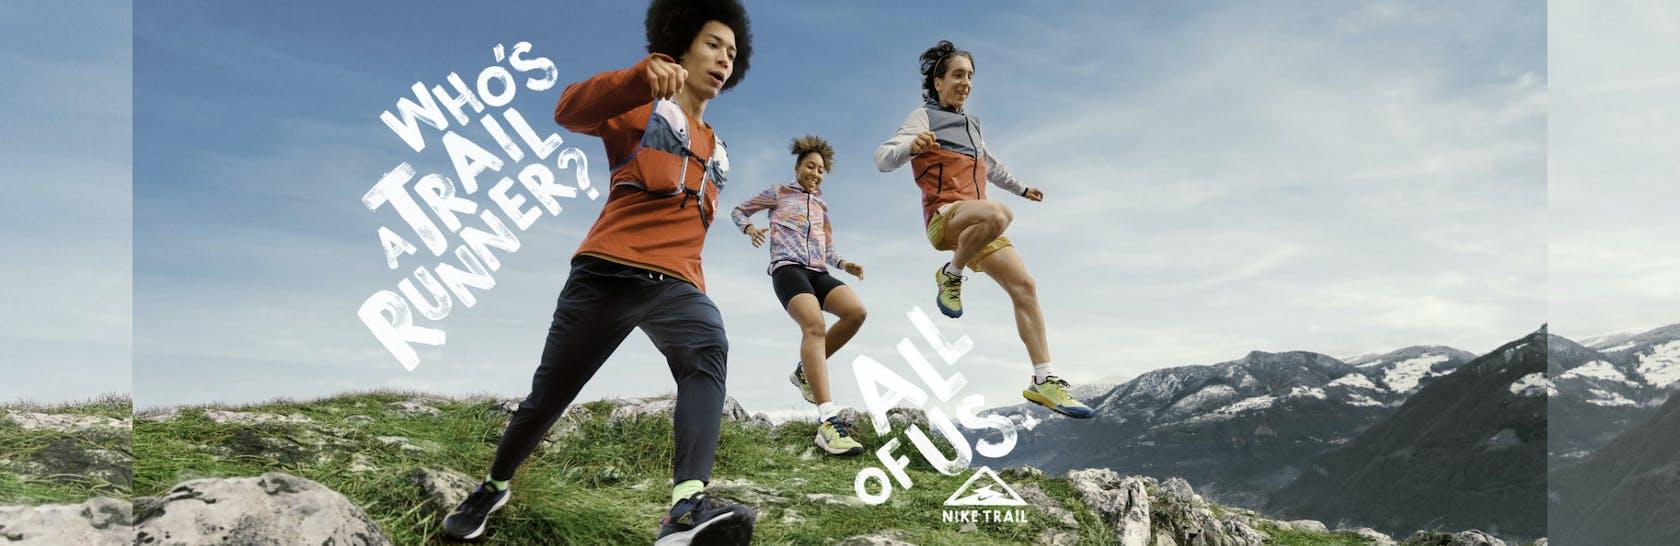 Nike Onlineshop Trailrunning